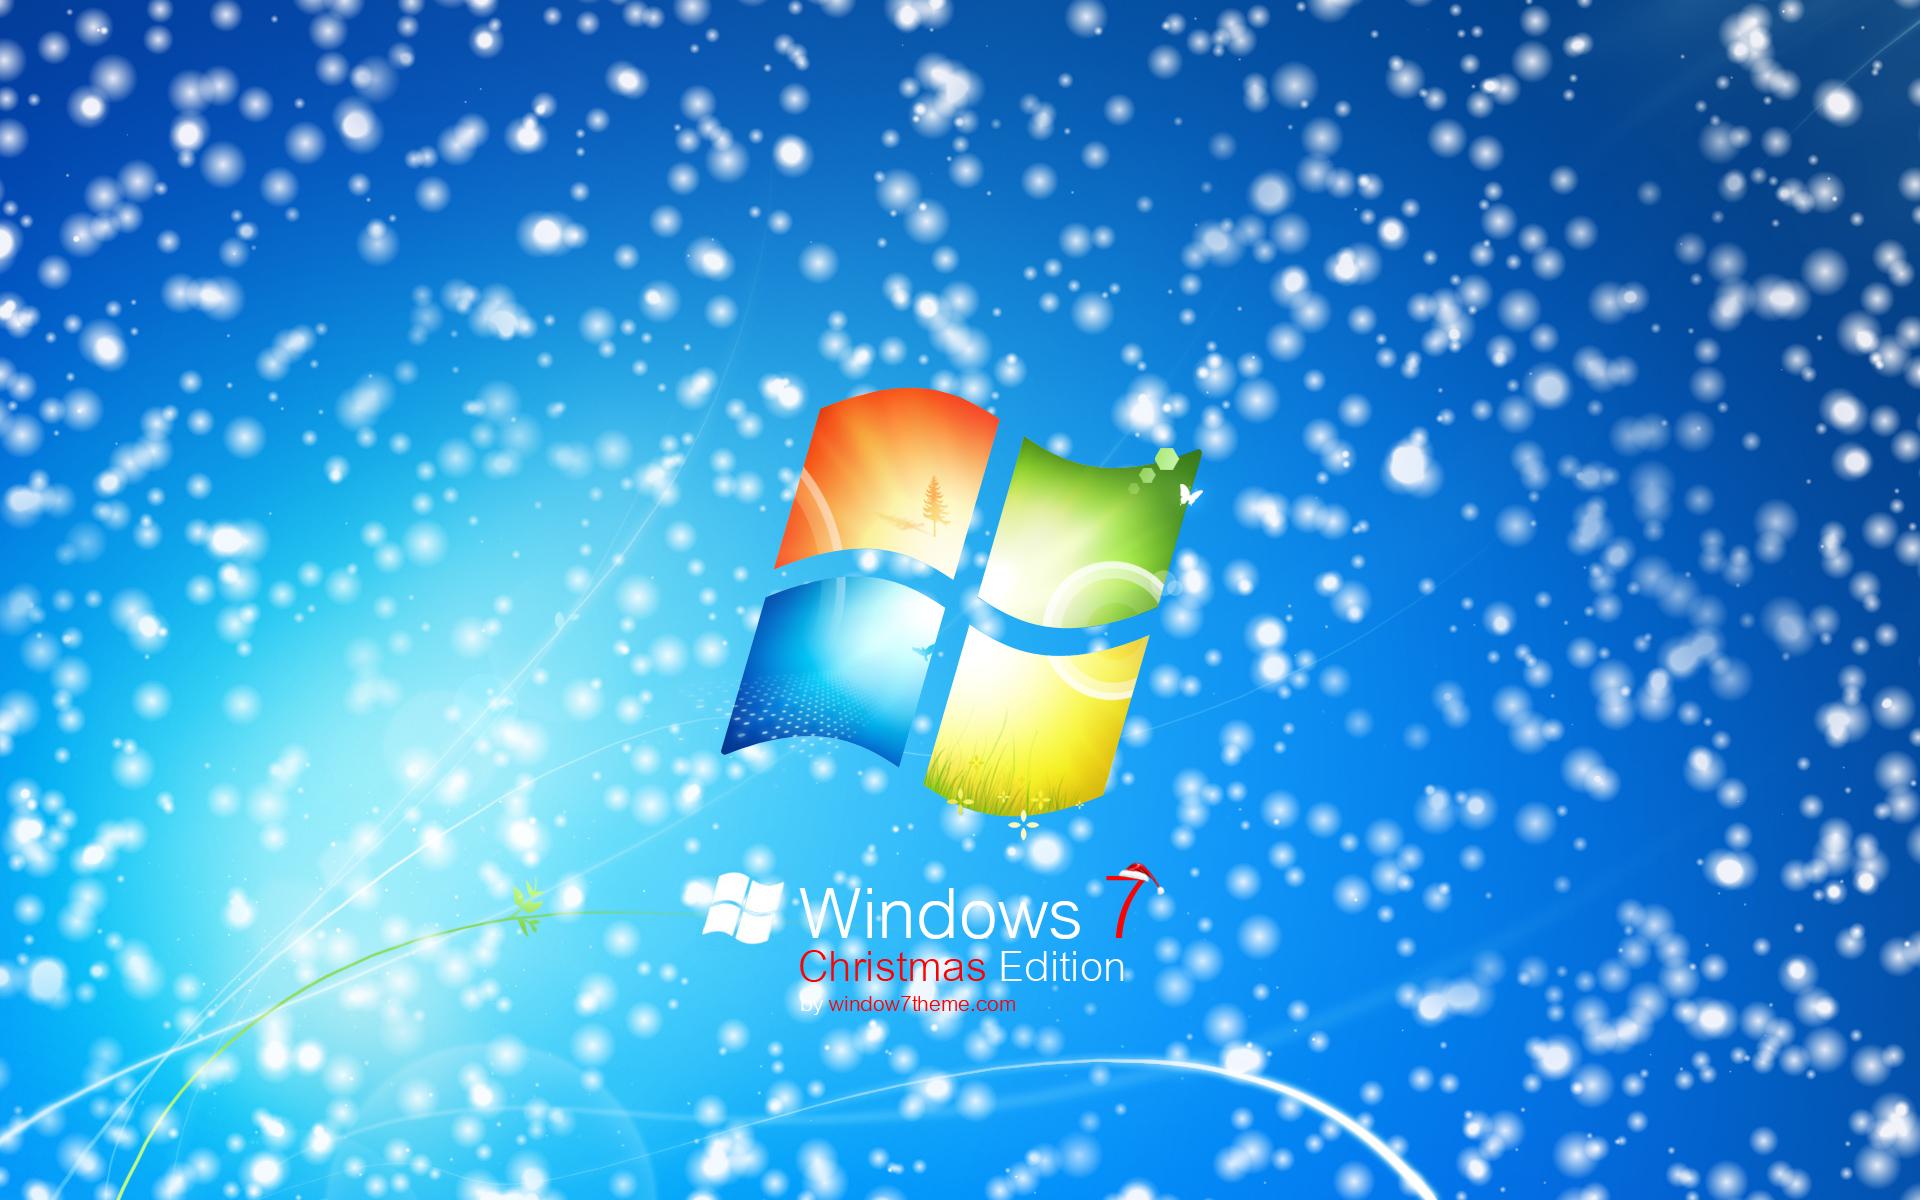 Скачать Обои Новогодние Обои Для Windows 10